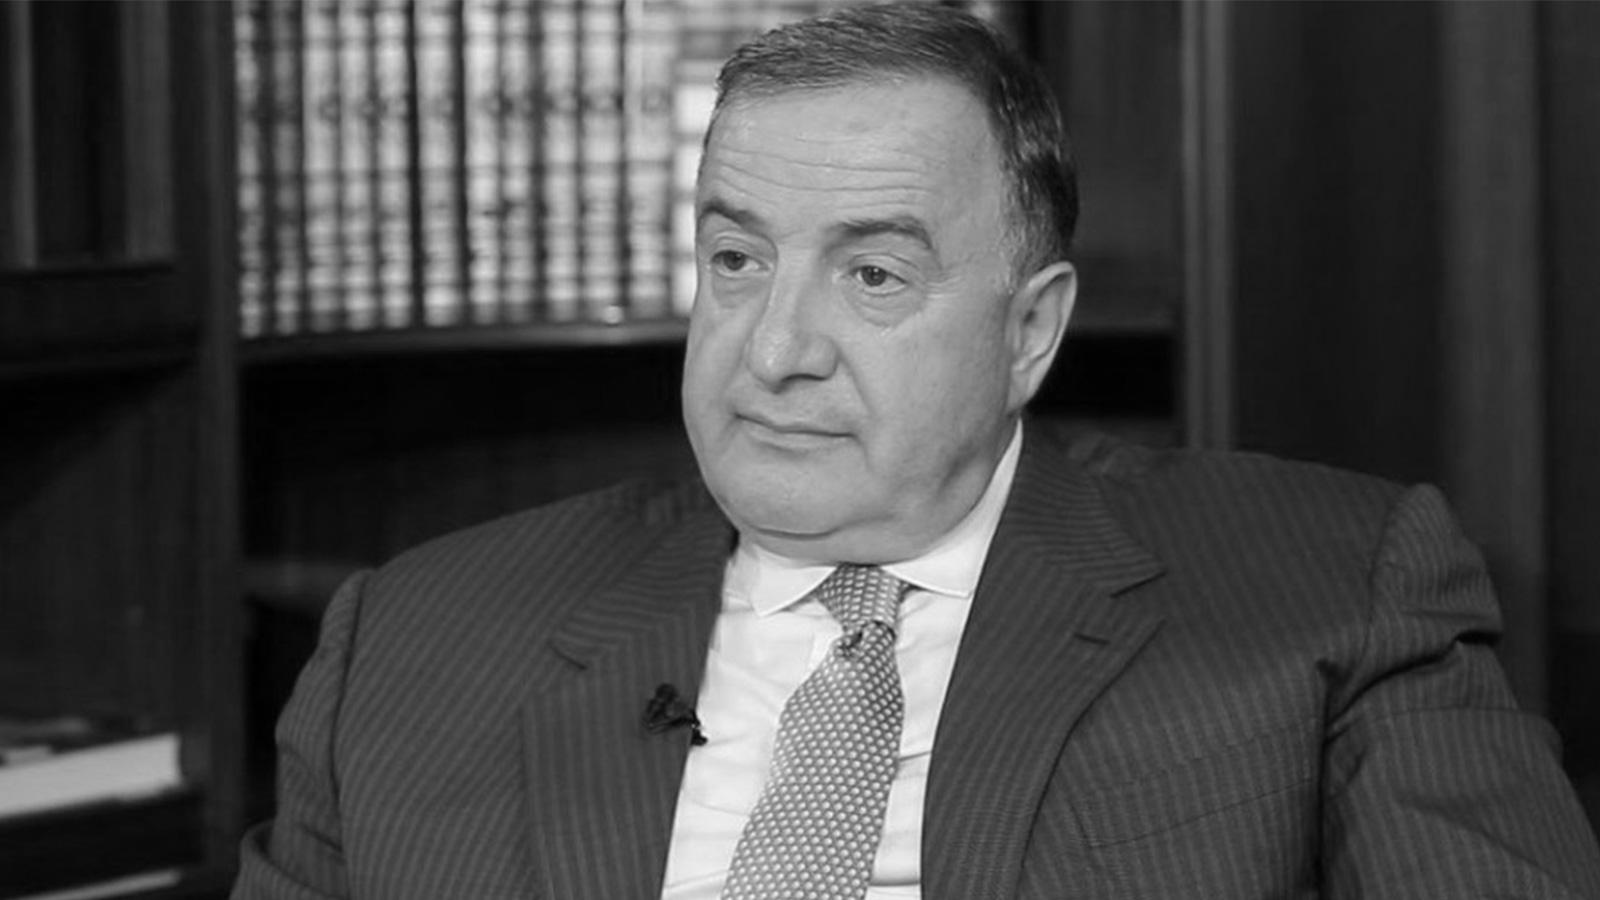 Сергей Миронов выразил соболезнования в связи с кончиной члена Центрального совета СР Абубакара Арсамакова